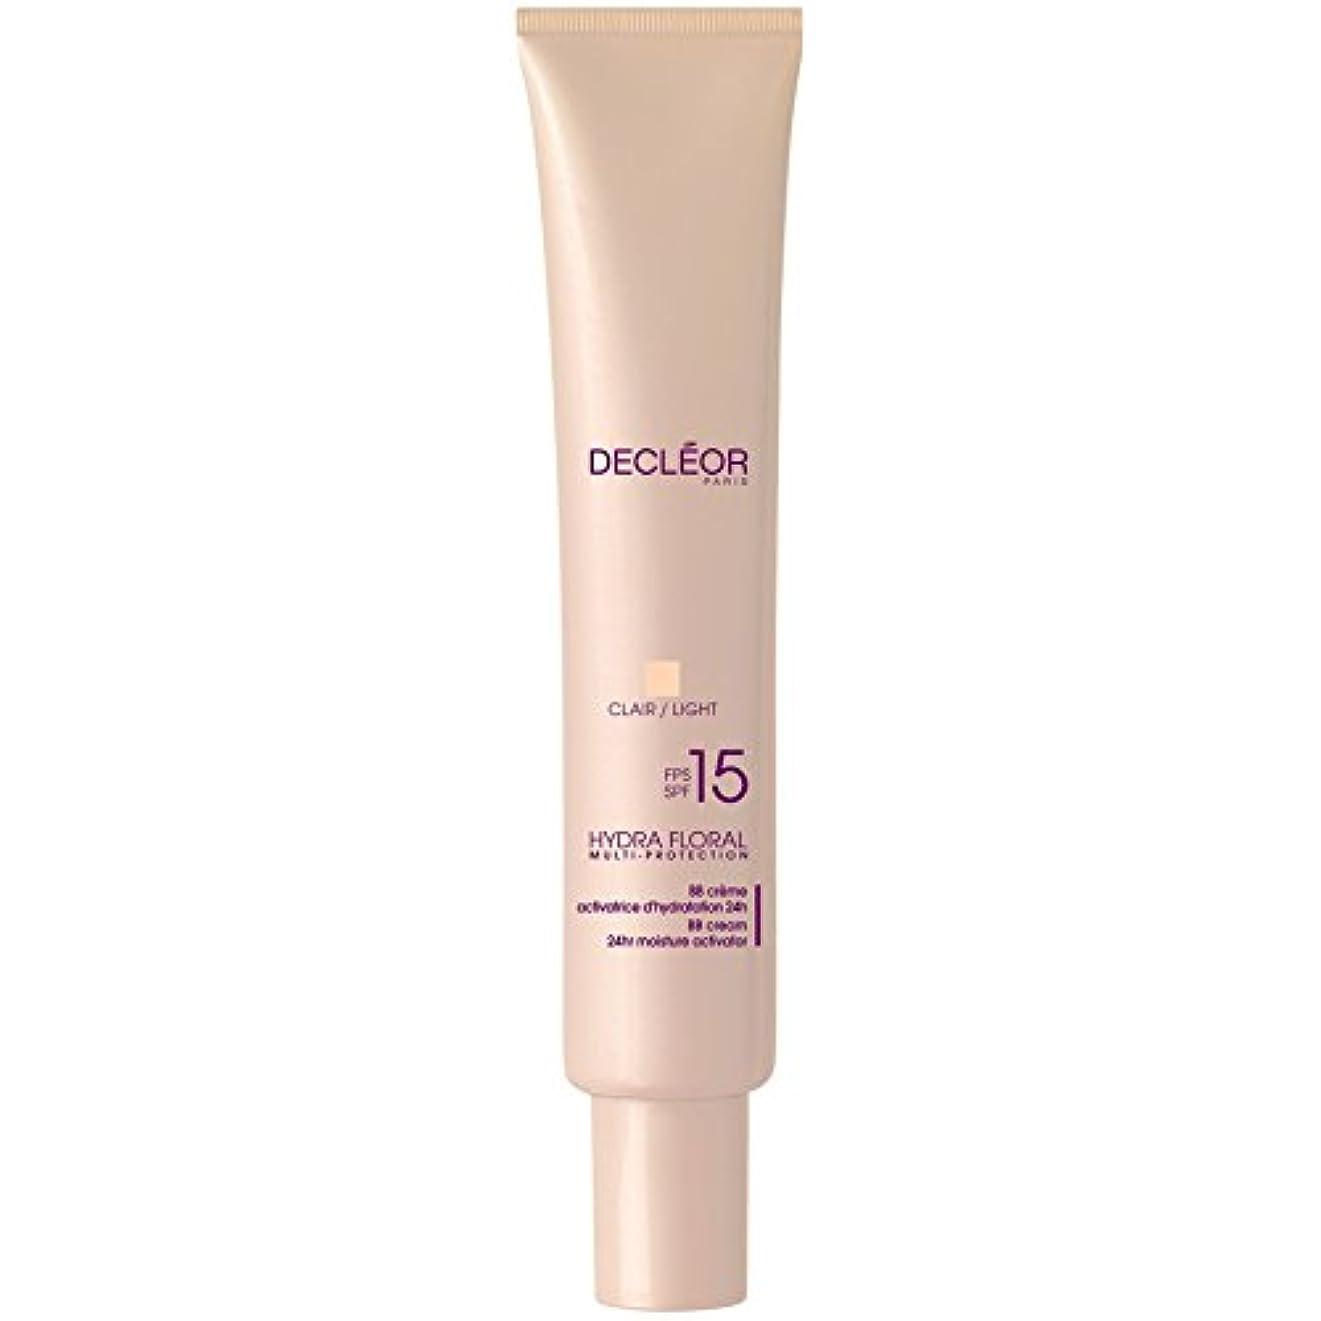 軽量障害者自宅で[Decl?or ] デクレオールBbクリームスキンパーフェクの40Mlの光 - Decl?or BB Cream Skin Perfector 40ml Light [並行輸入品]